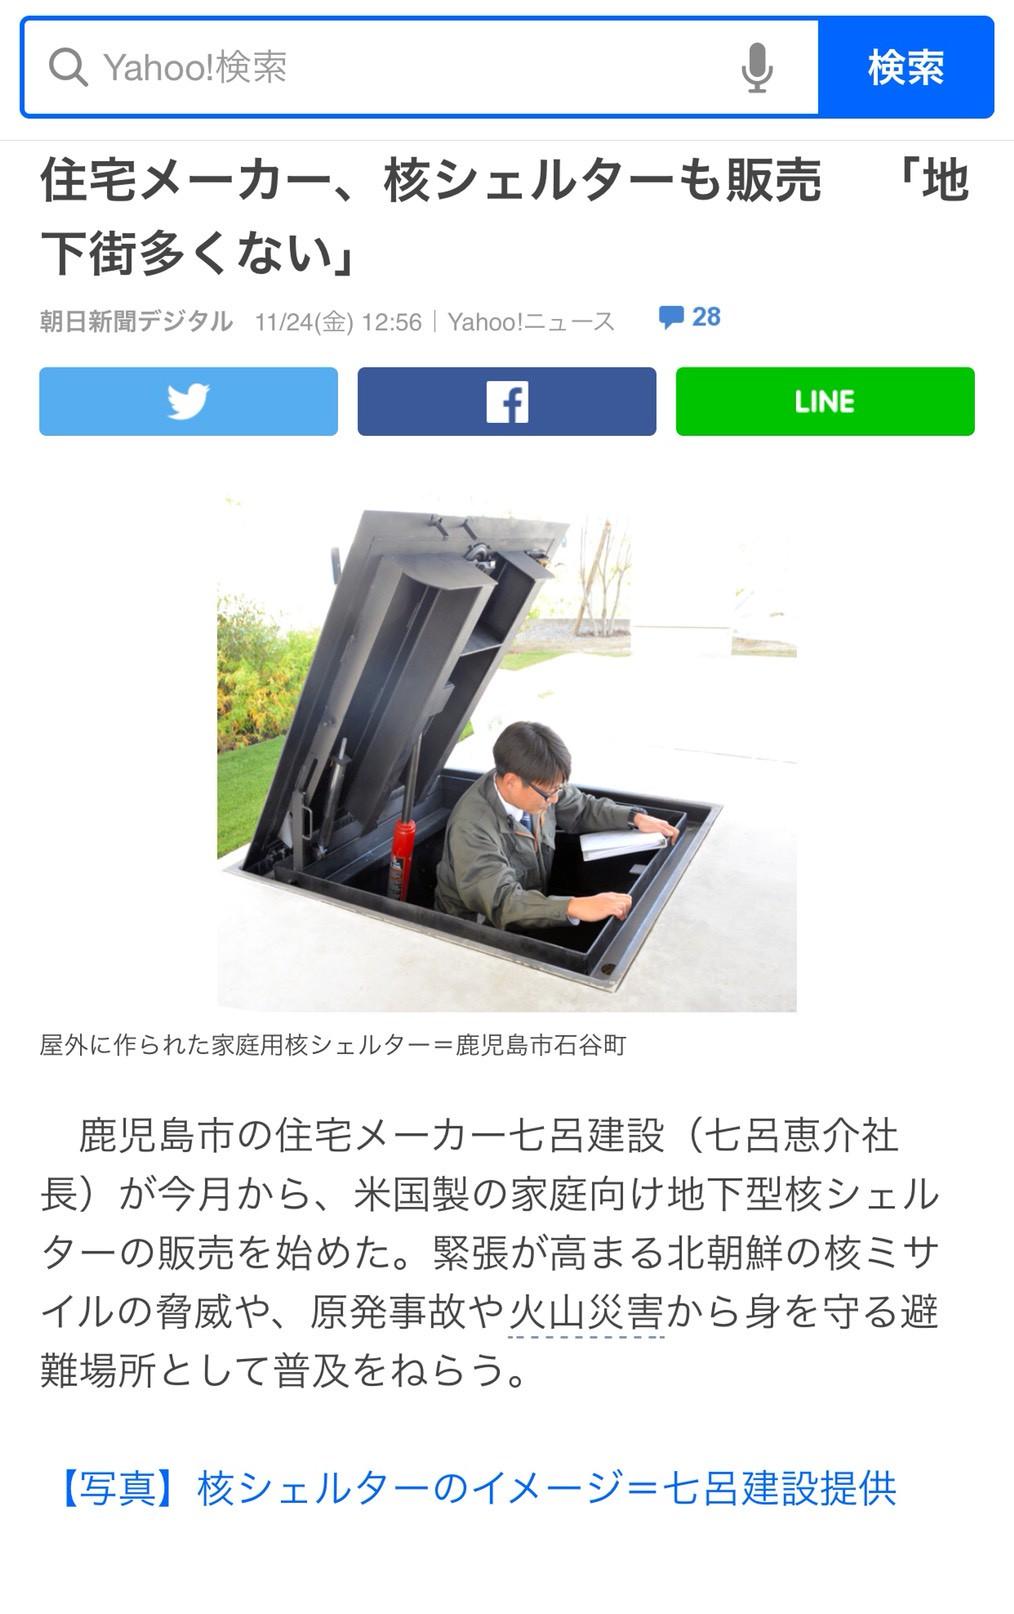 11月24日、11月26日のヤフーニュースで紹介されています